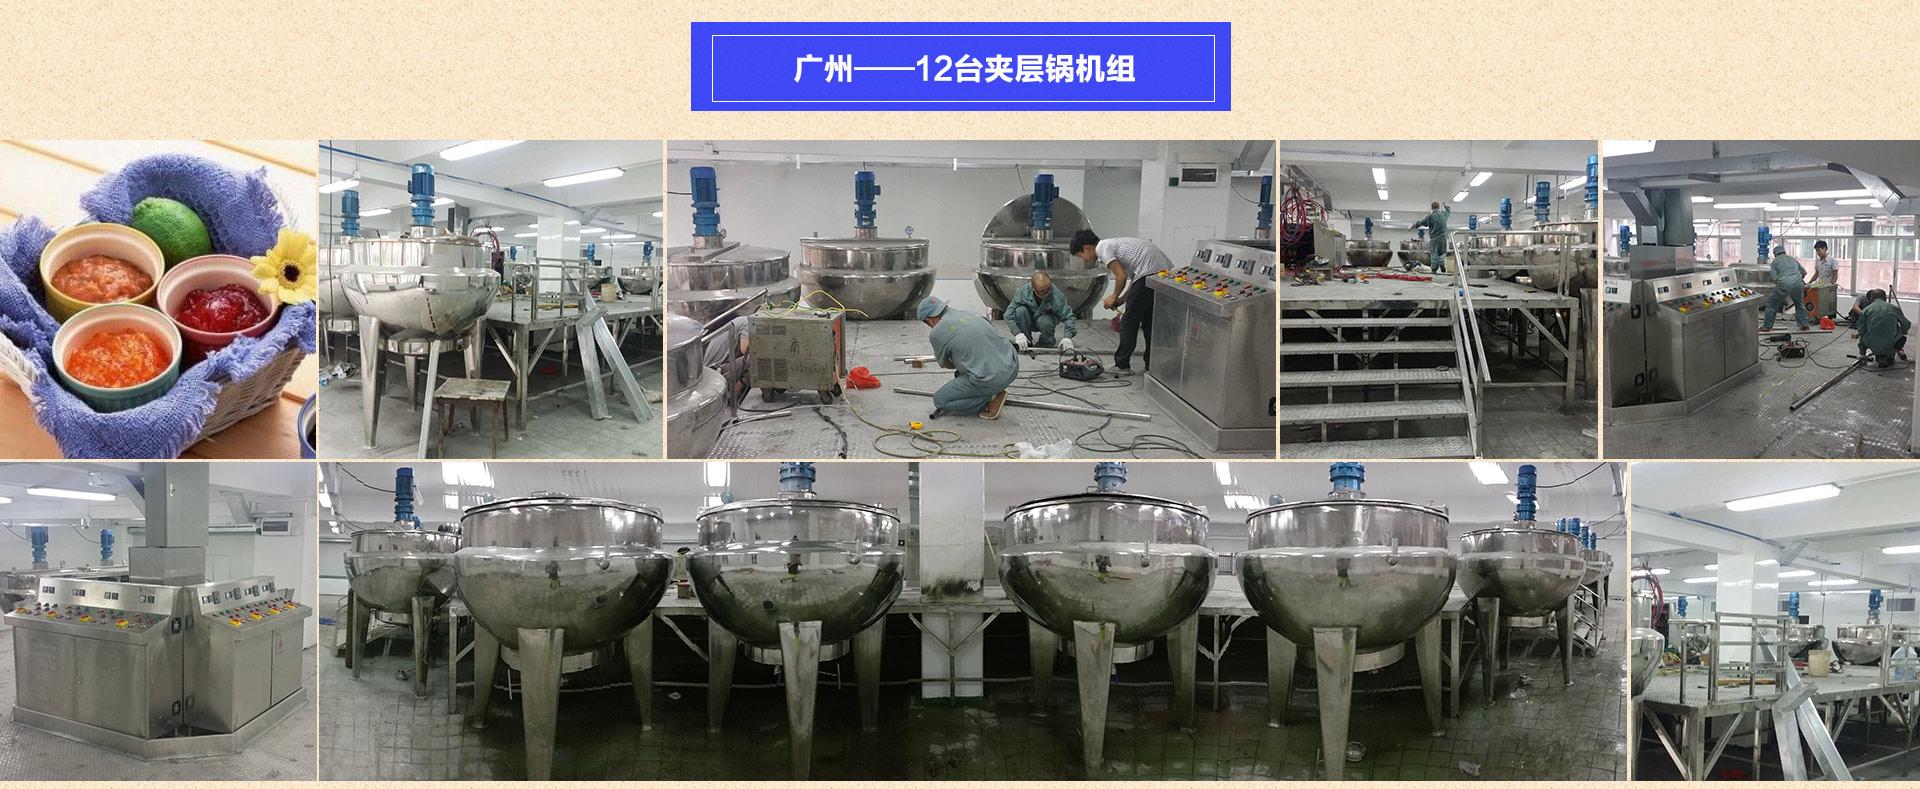 广州——12台夹层锅机组1